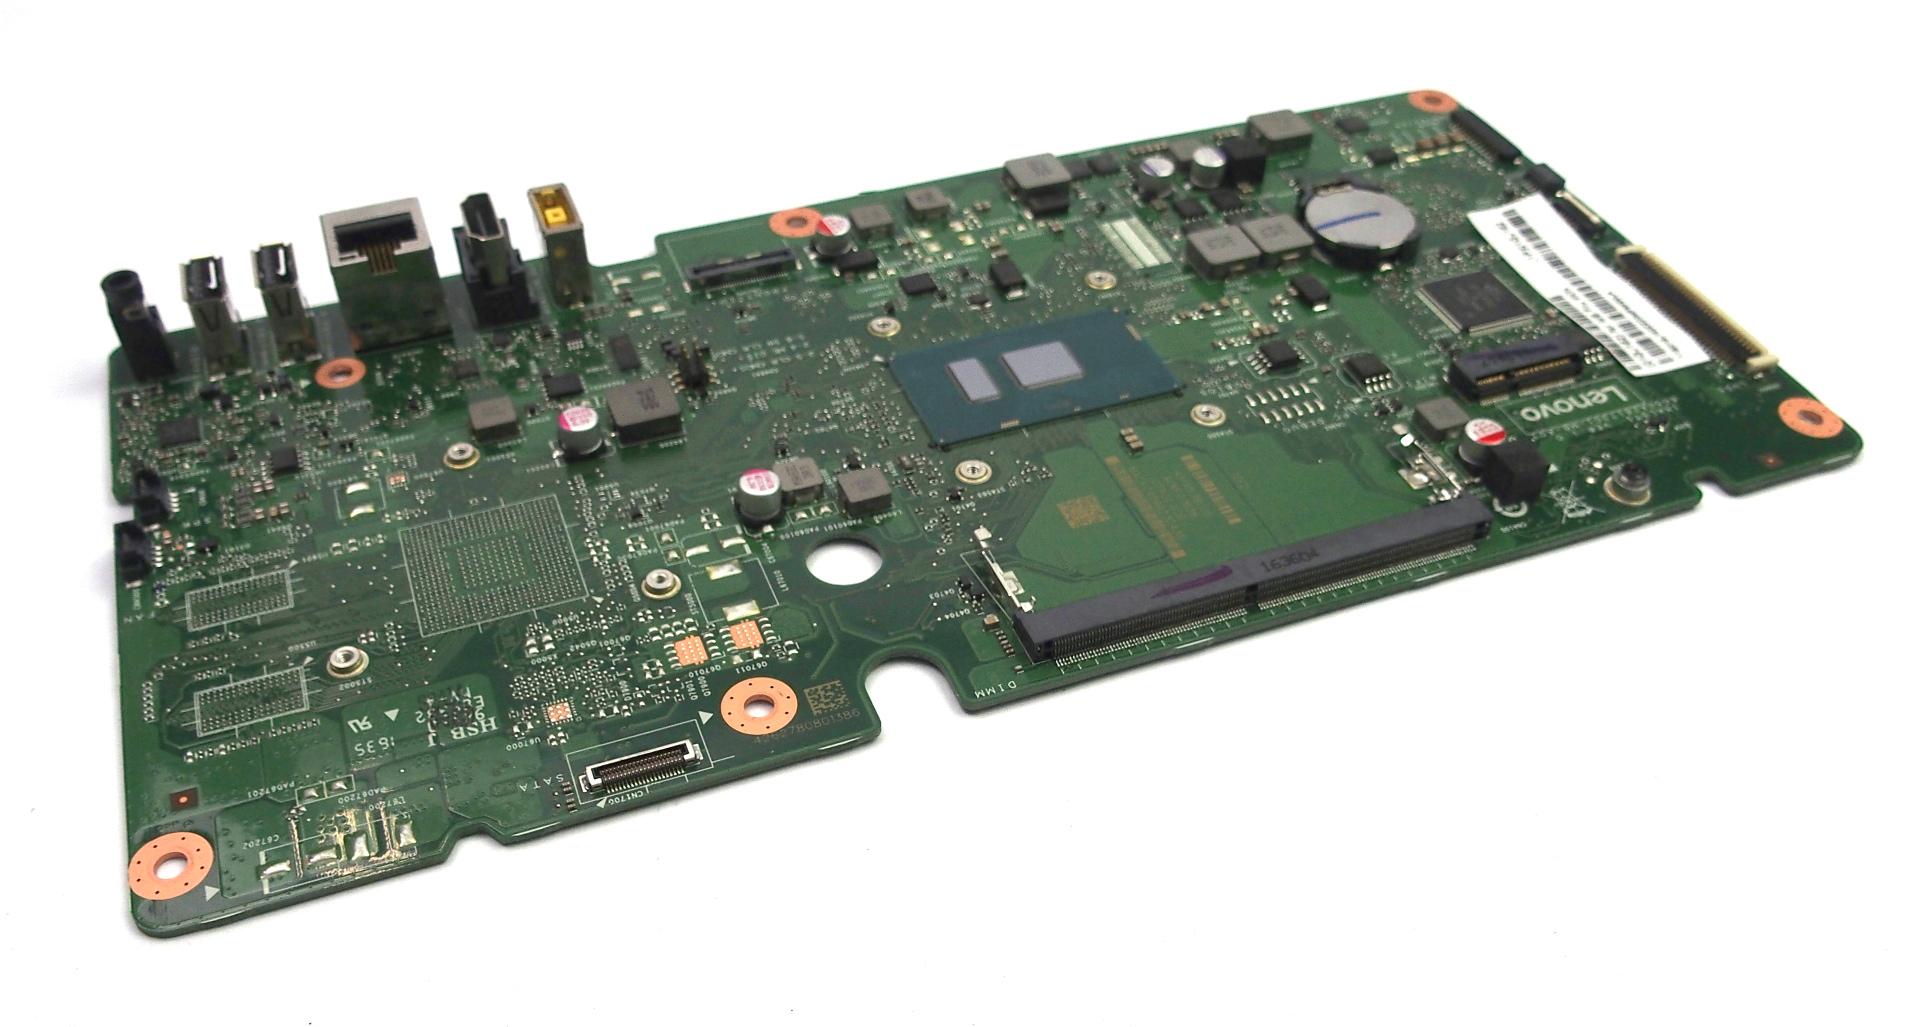 01GJ162 Lenovo IdeaCentre 510S-23ISU AIO PC Motherboard /w BGA Core i5-6200U CPU